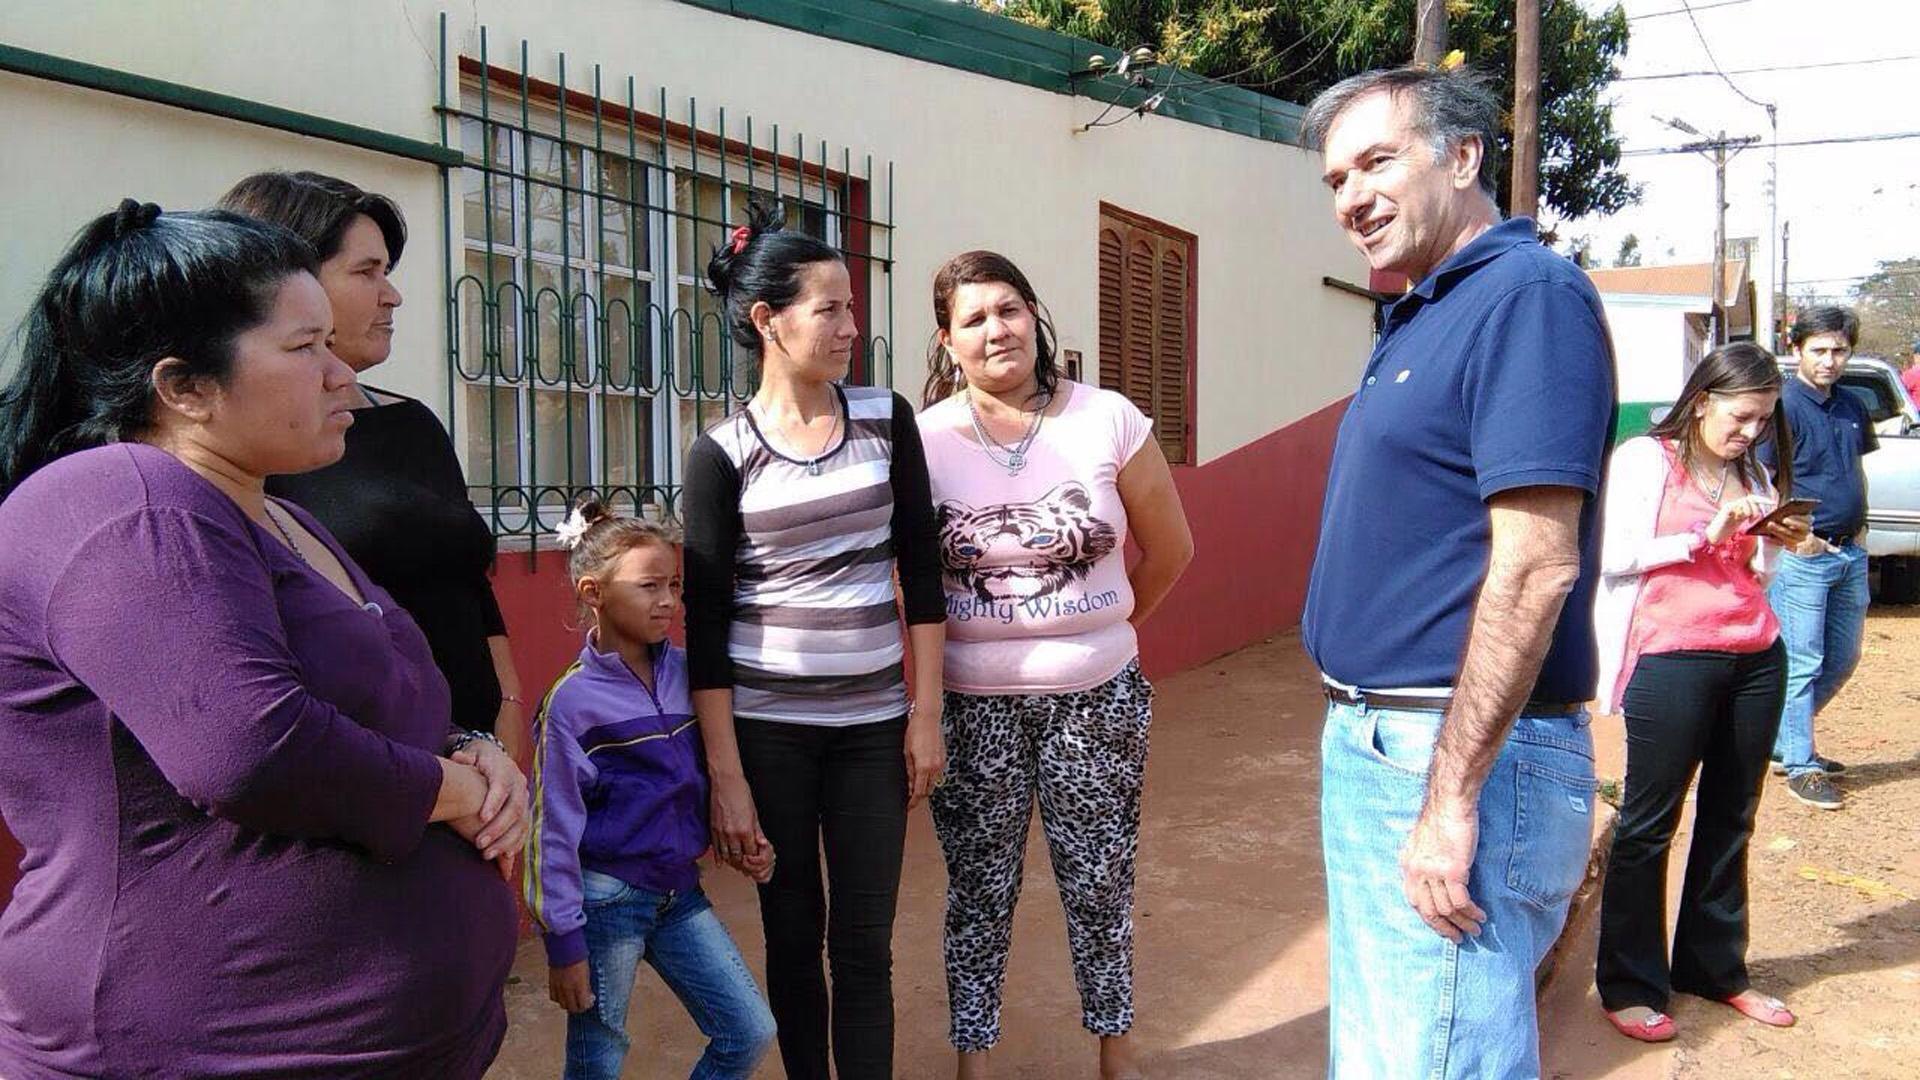 Los precandidatos misioneros a senador nacional, Humberto Schiavoni, y a diputada nacional, Gabriela Szyszko, participaron hoy del timbreo nacional del Frente Cambiemos en la ciudad de Posadas